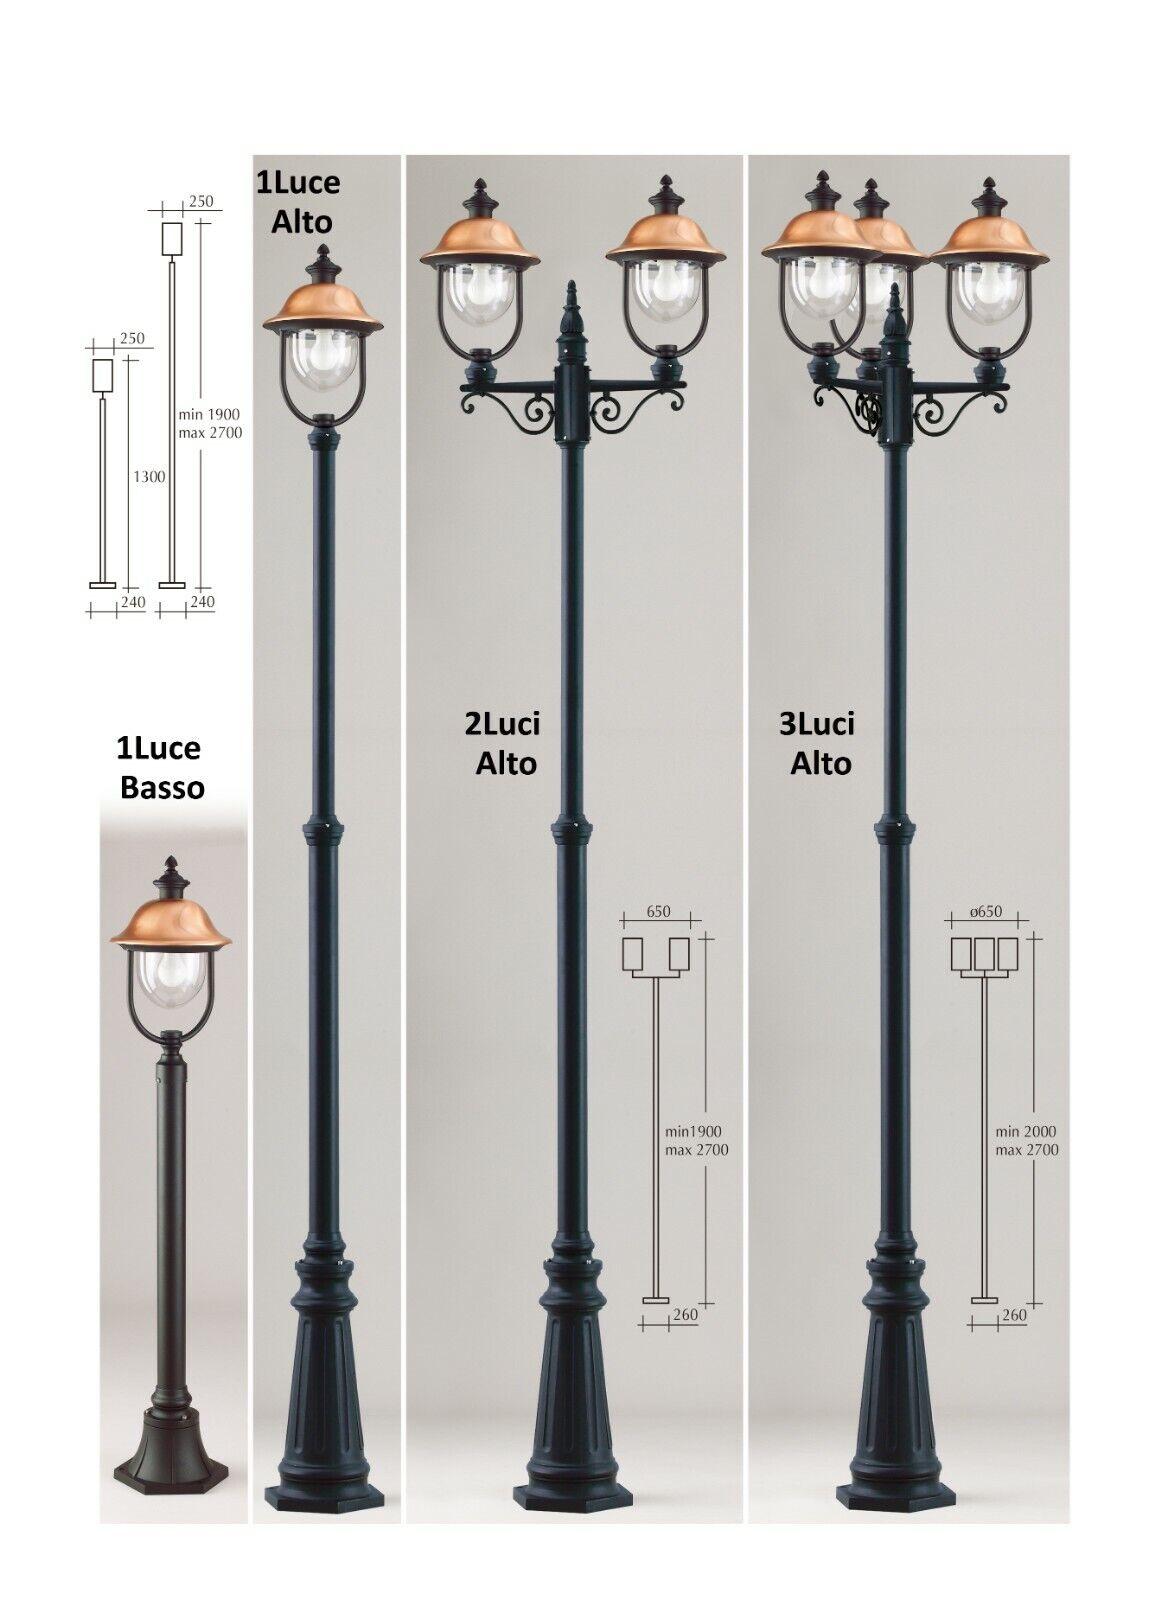 LAMPIONE DA GIARDINO PALO copertura in RAME, col.RE schwarz-Disponibile a 1 2 3LUCI